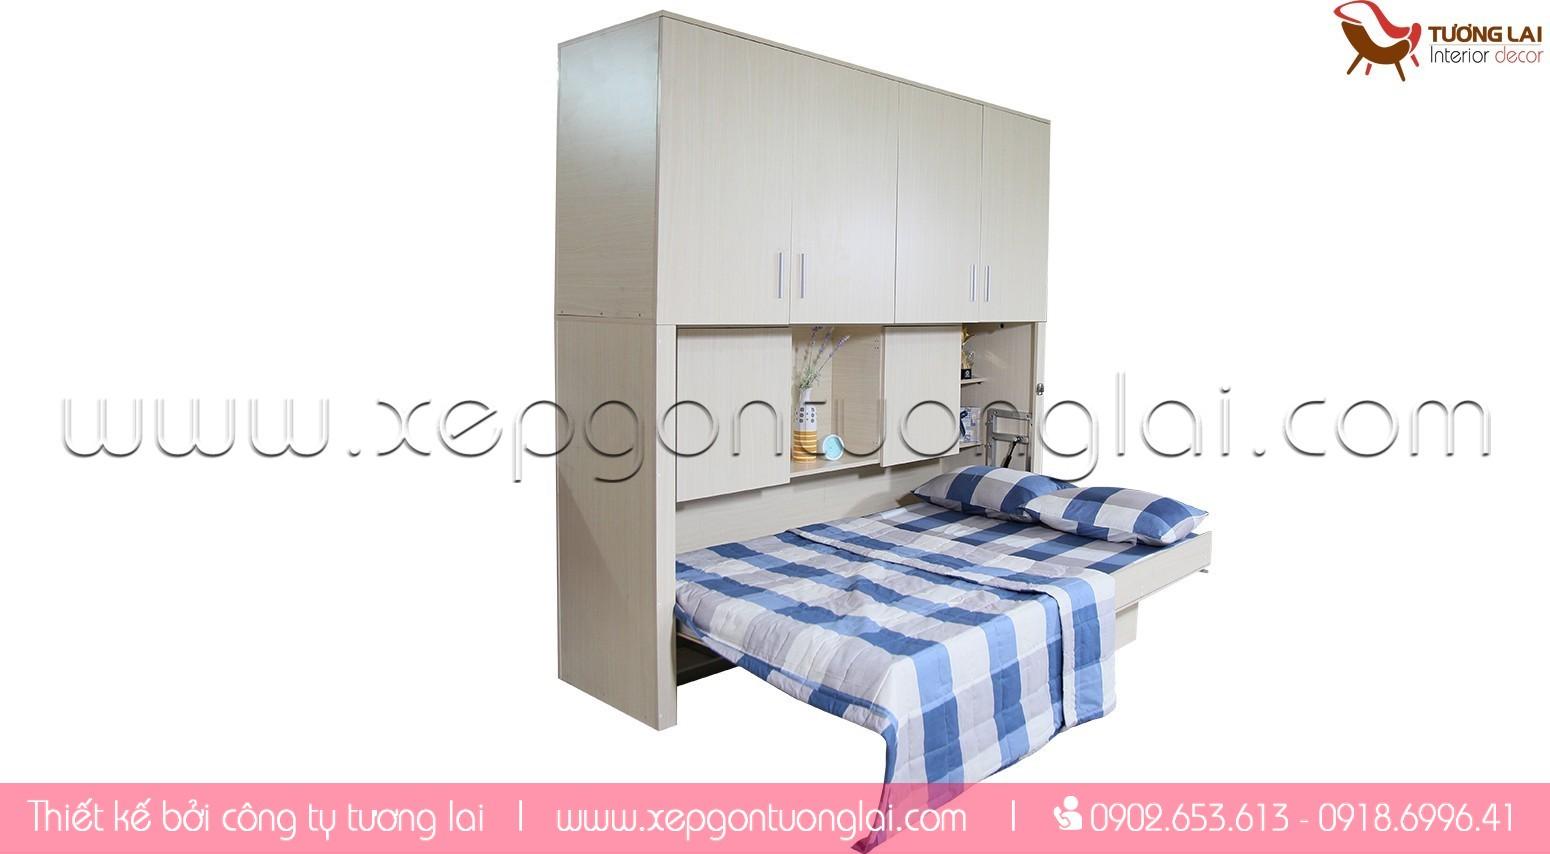 Giường xếp gọn- giường gấp gọn-giường thông minh